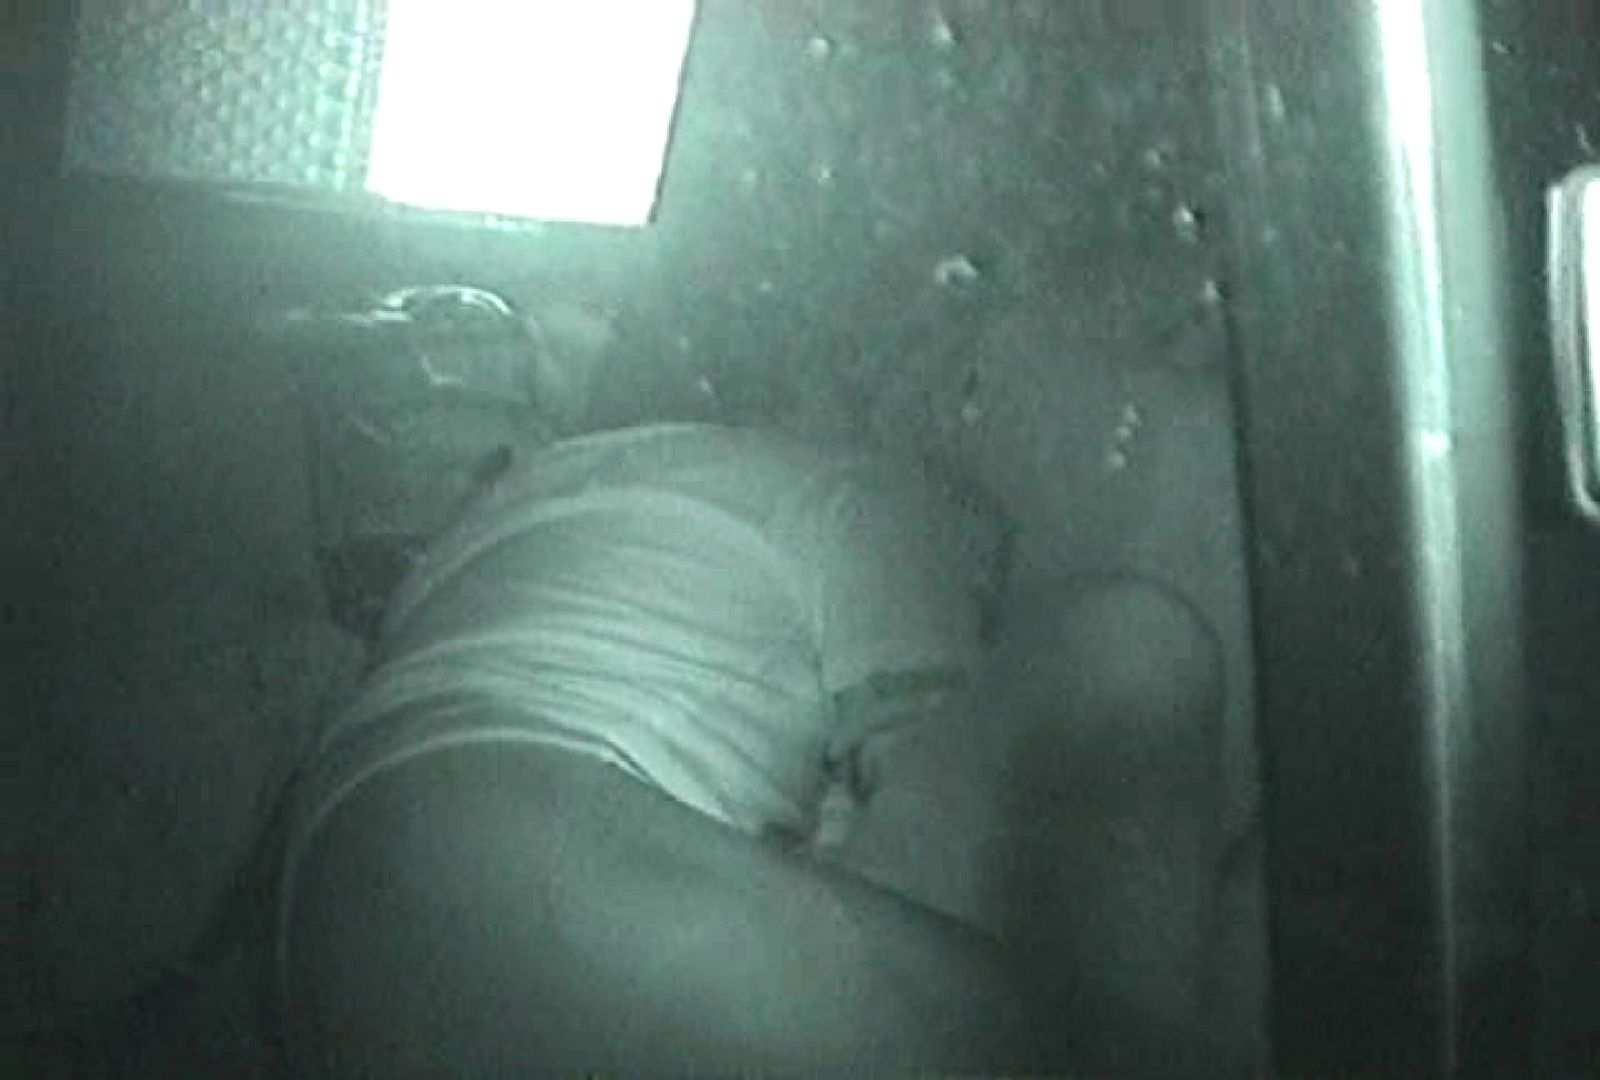 充血監督の深夜の運動会Vol.68 OLエロ画像 隠し撮りAV無料 98PICs 98